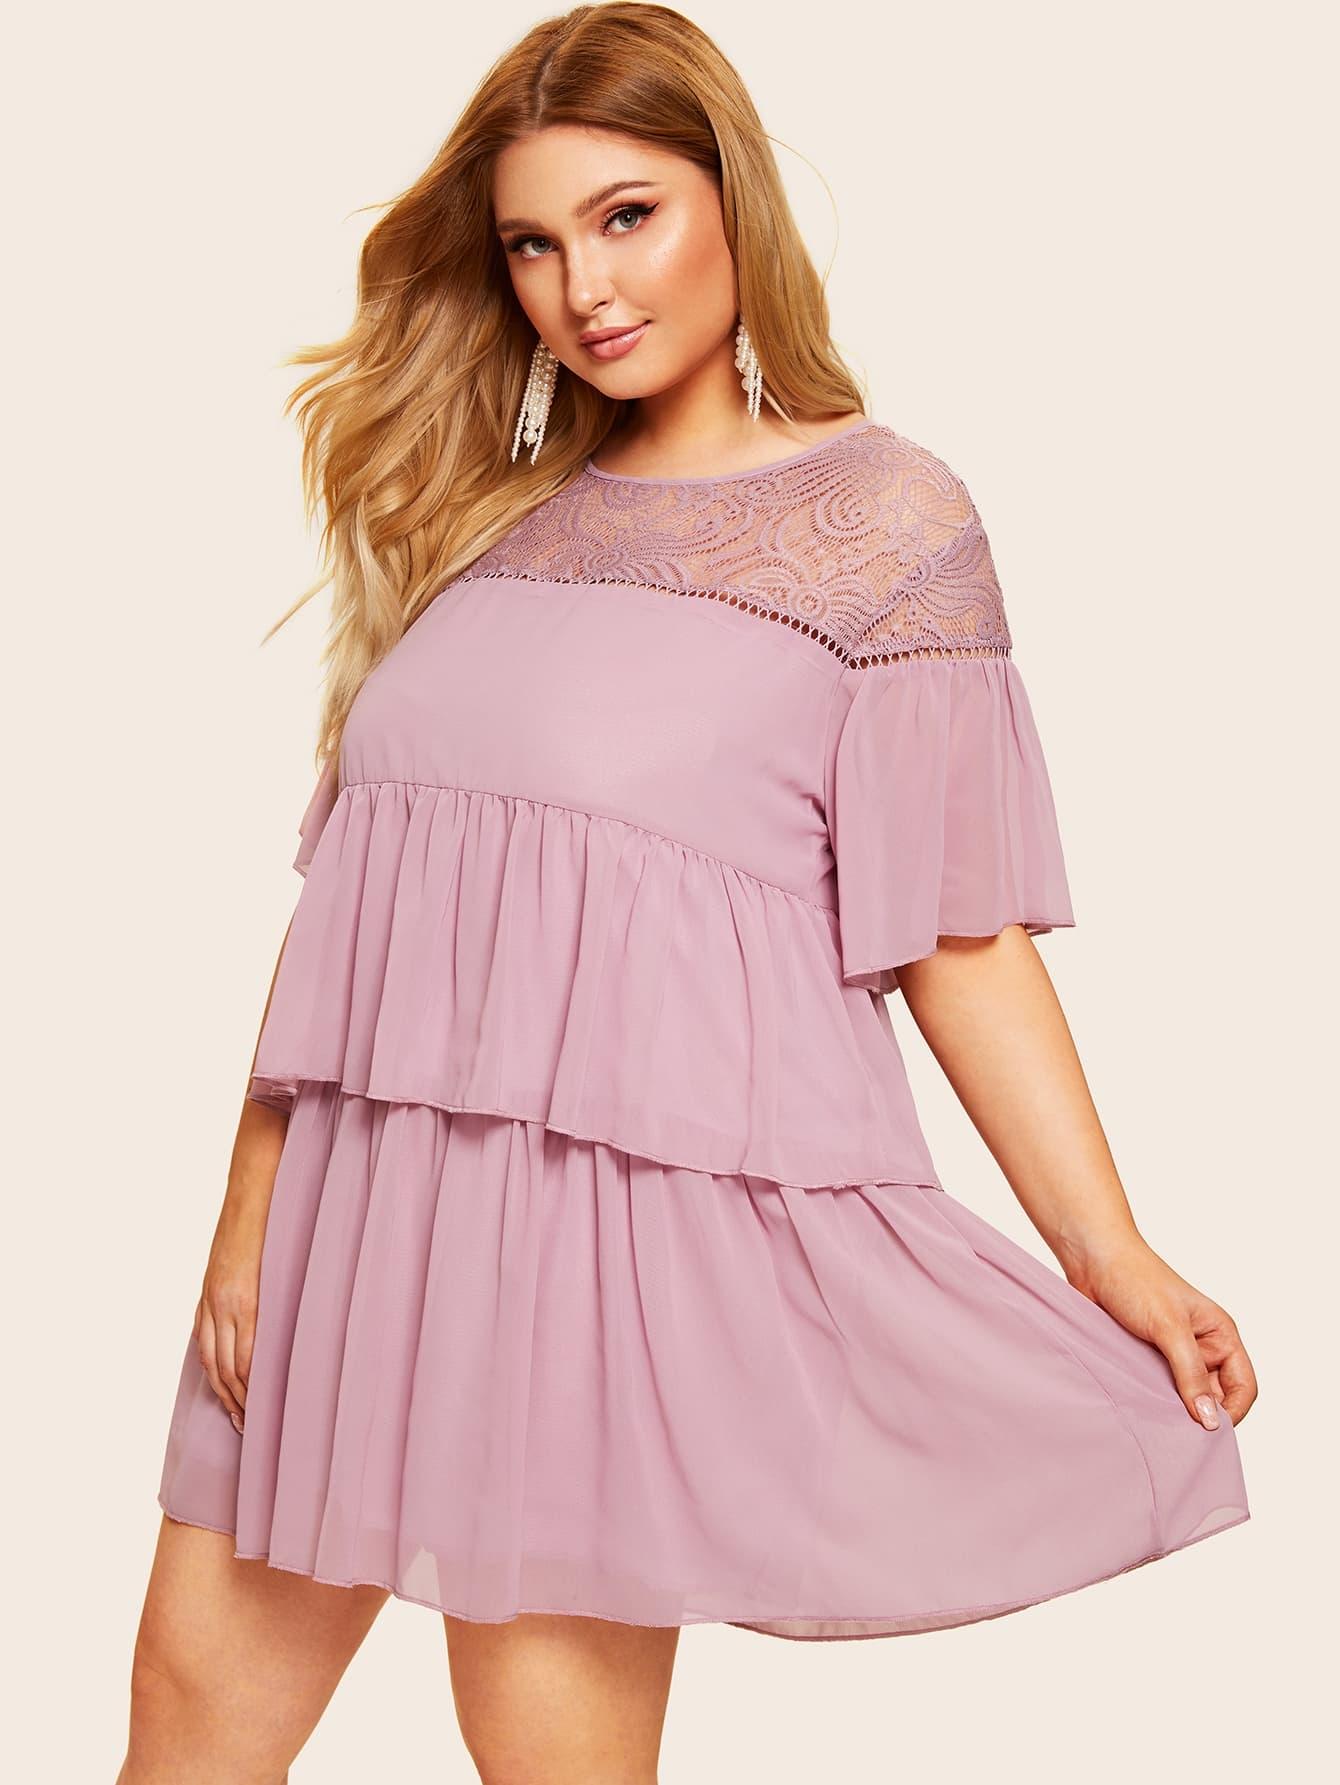 Размера плюс стильное платье с контрастными кружевами